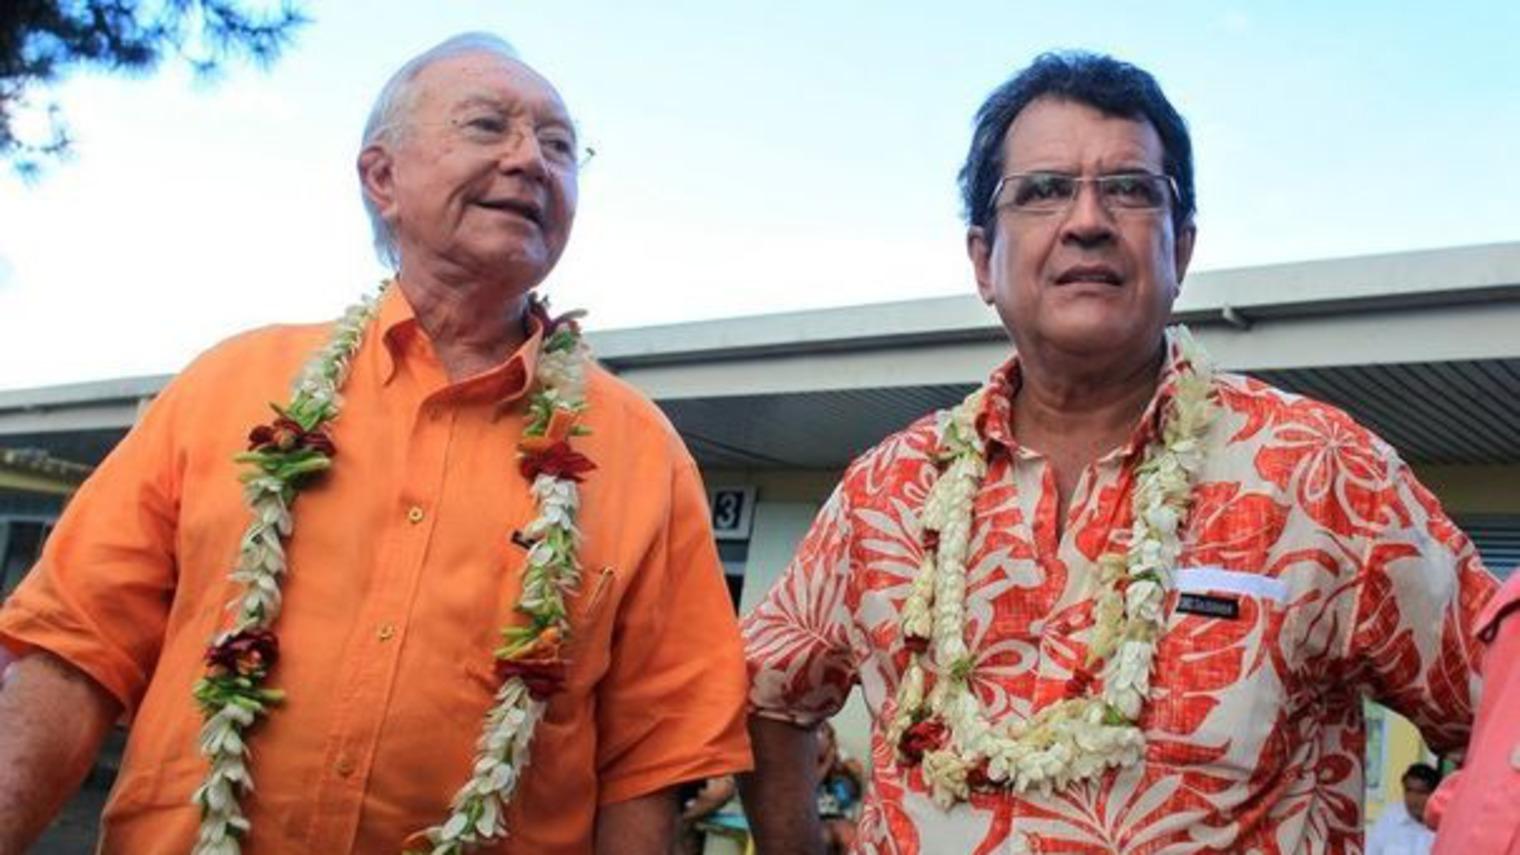 Gaston Flosse et Edouard Fritch, ancien numéro 2 du Tahoeraa Huira'atira. LEs relations entre les deux hommes se dégradent à partir de septembre 2014 ©Gregory Boissy / AFP